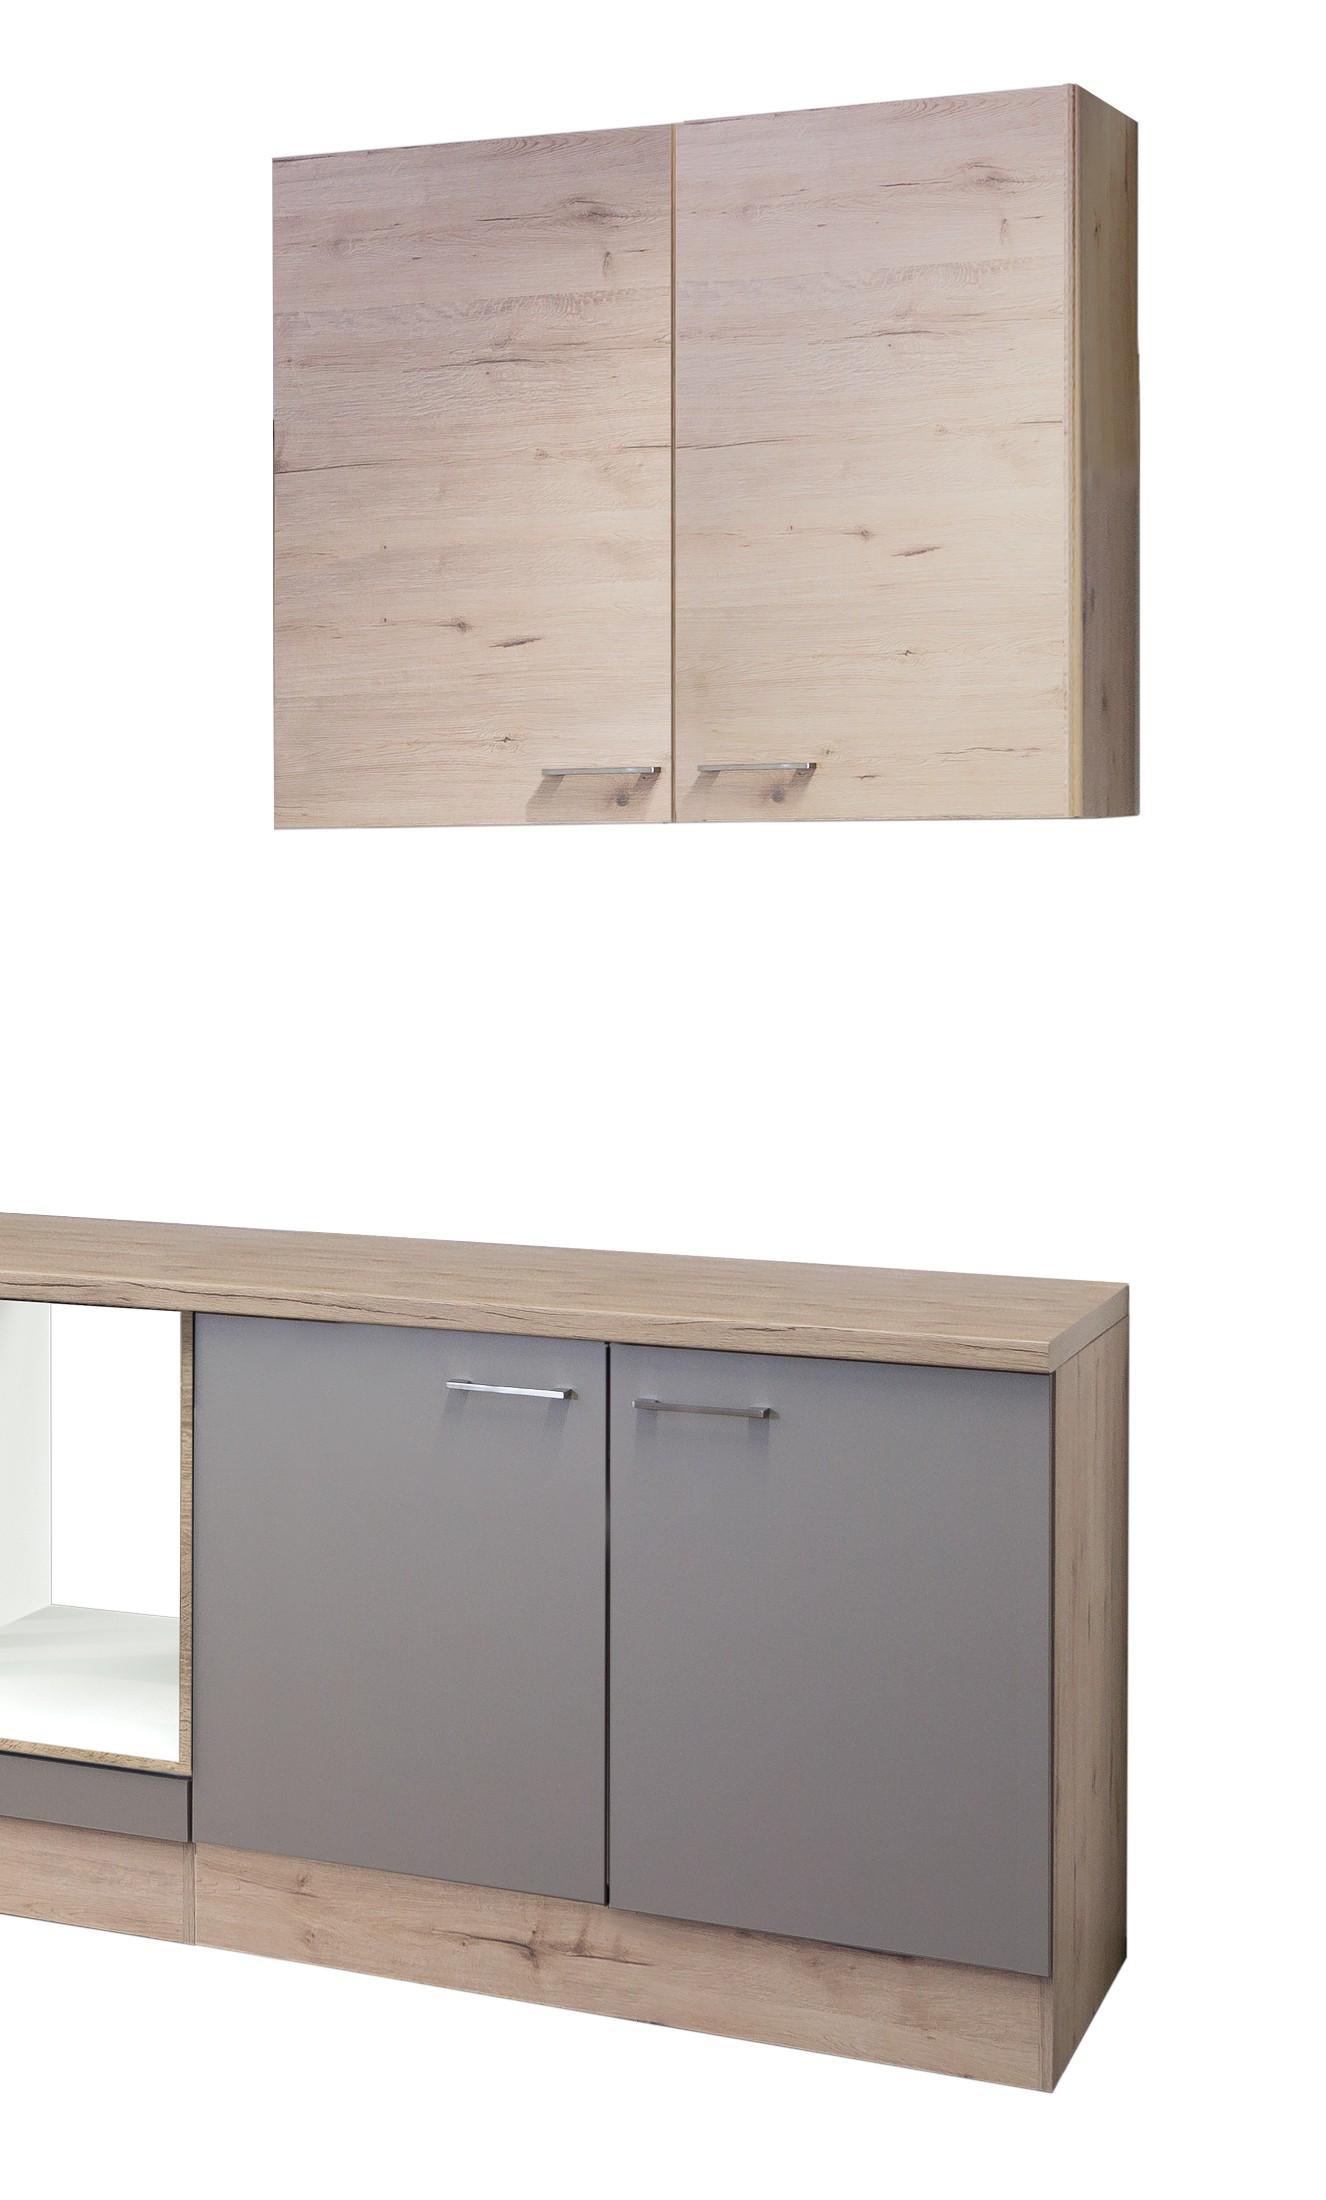 k chenzeile riva k chen leerblock 8 teilig breite 270 cm bronze metallic k che k chenzeilen. Black Bedroom Furniture Sets. Home Design Ideas